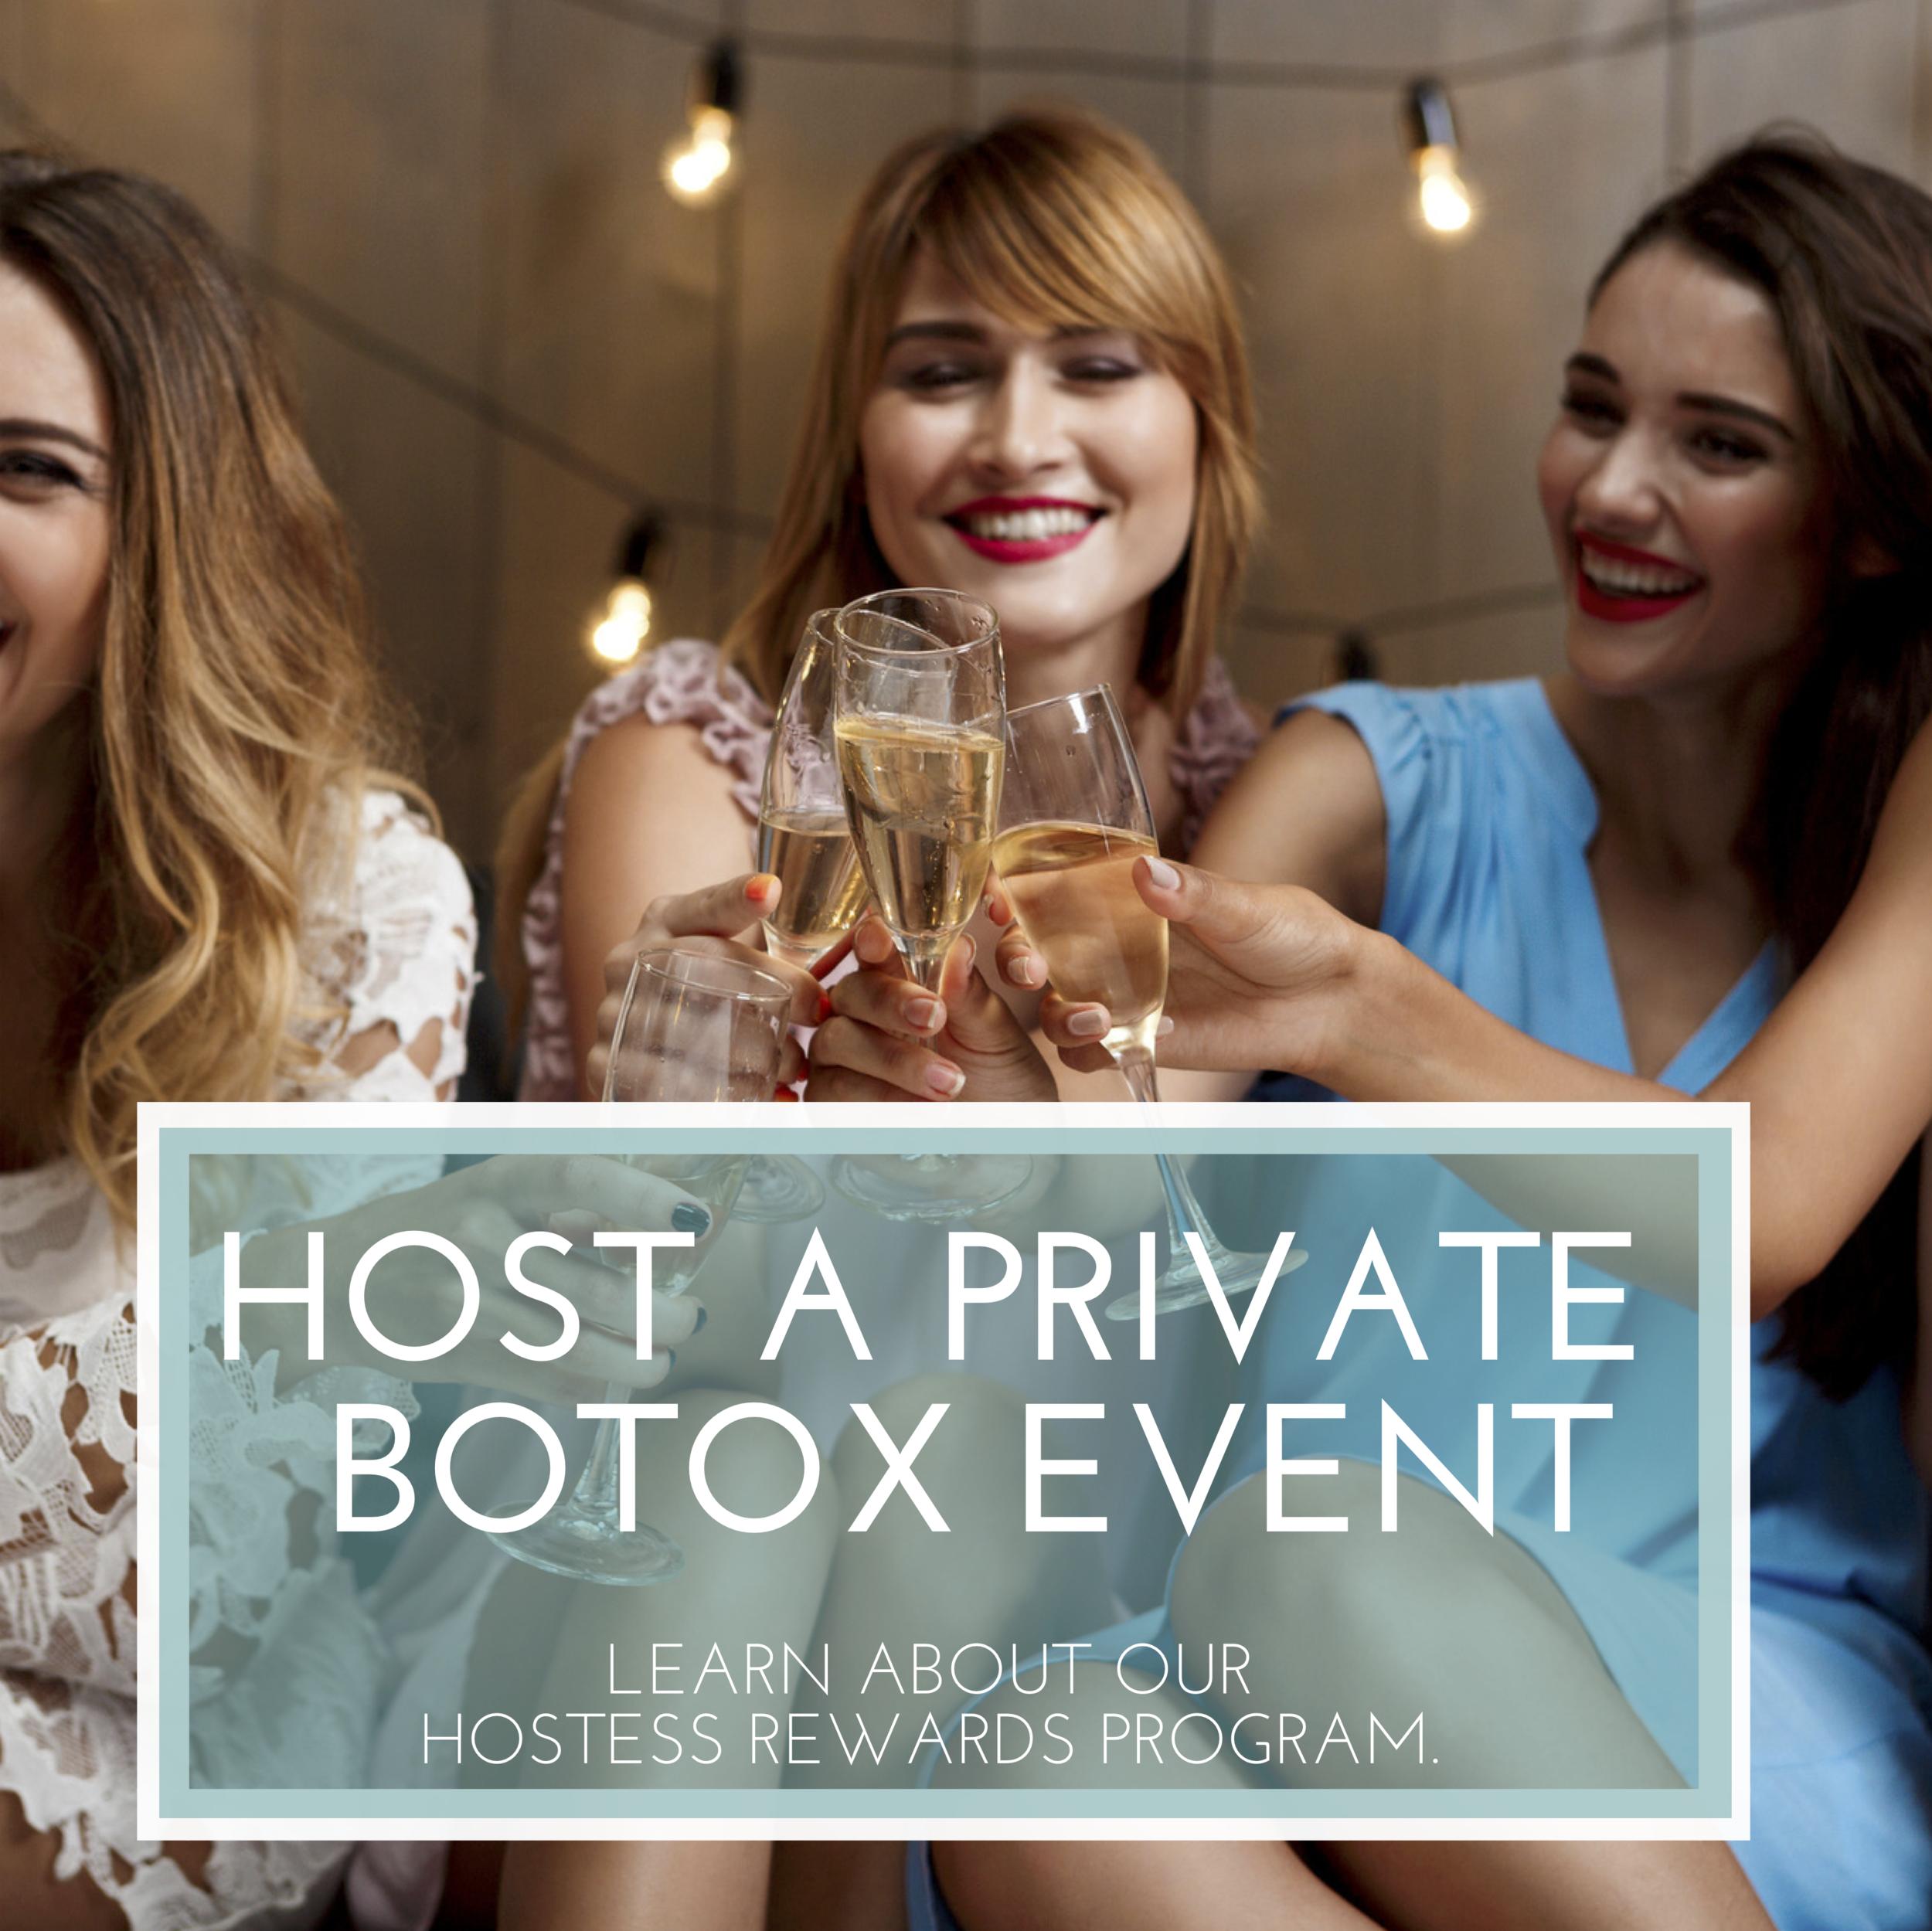 Hostess Rewards Program for Botox Events